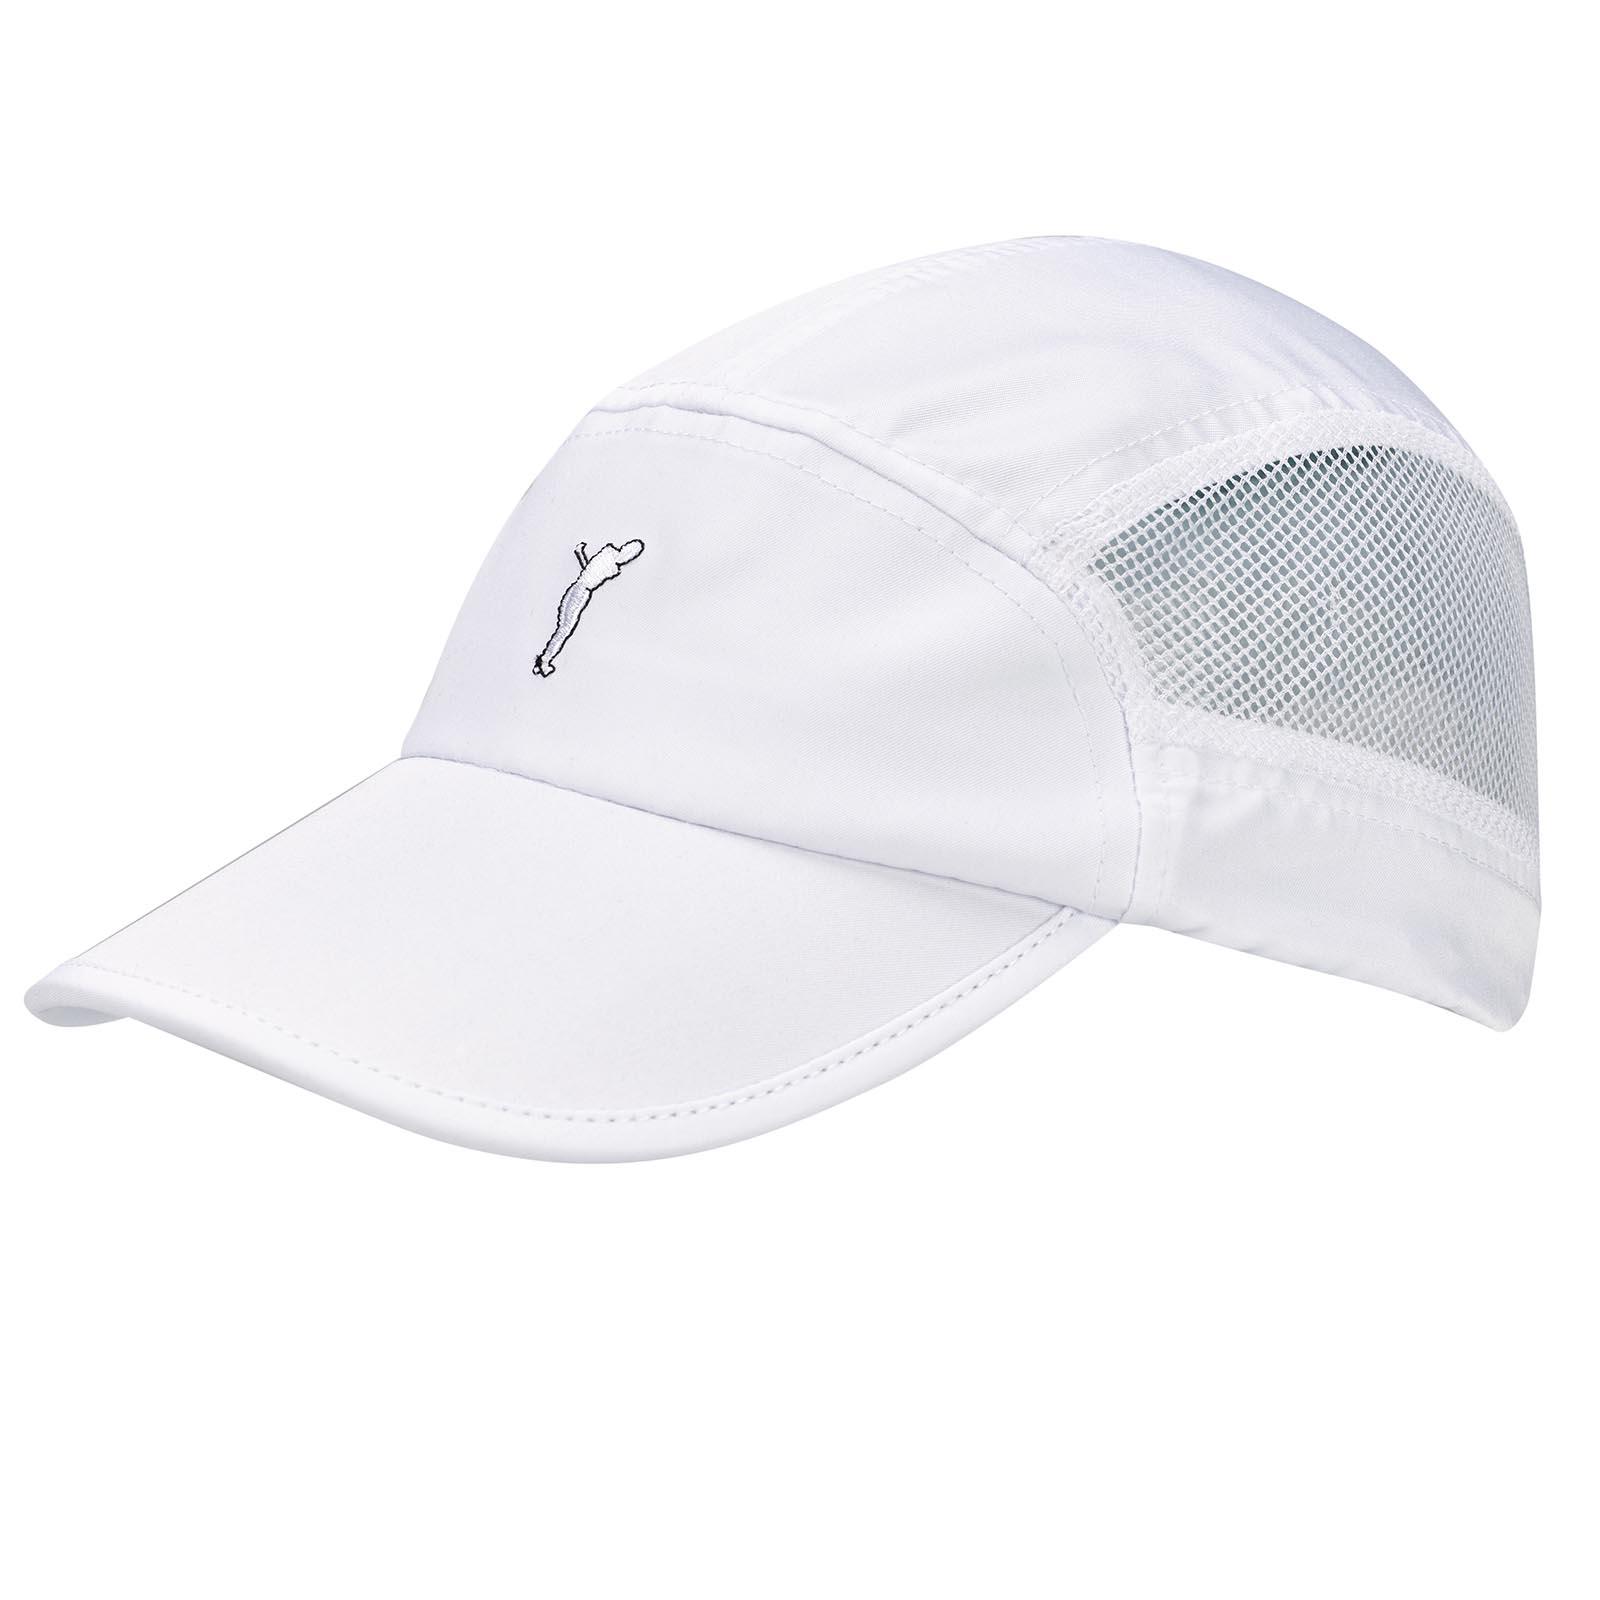 Herren Microfaser Golfcap mit seitlichen Mesh-Elementen für viel Ventilation